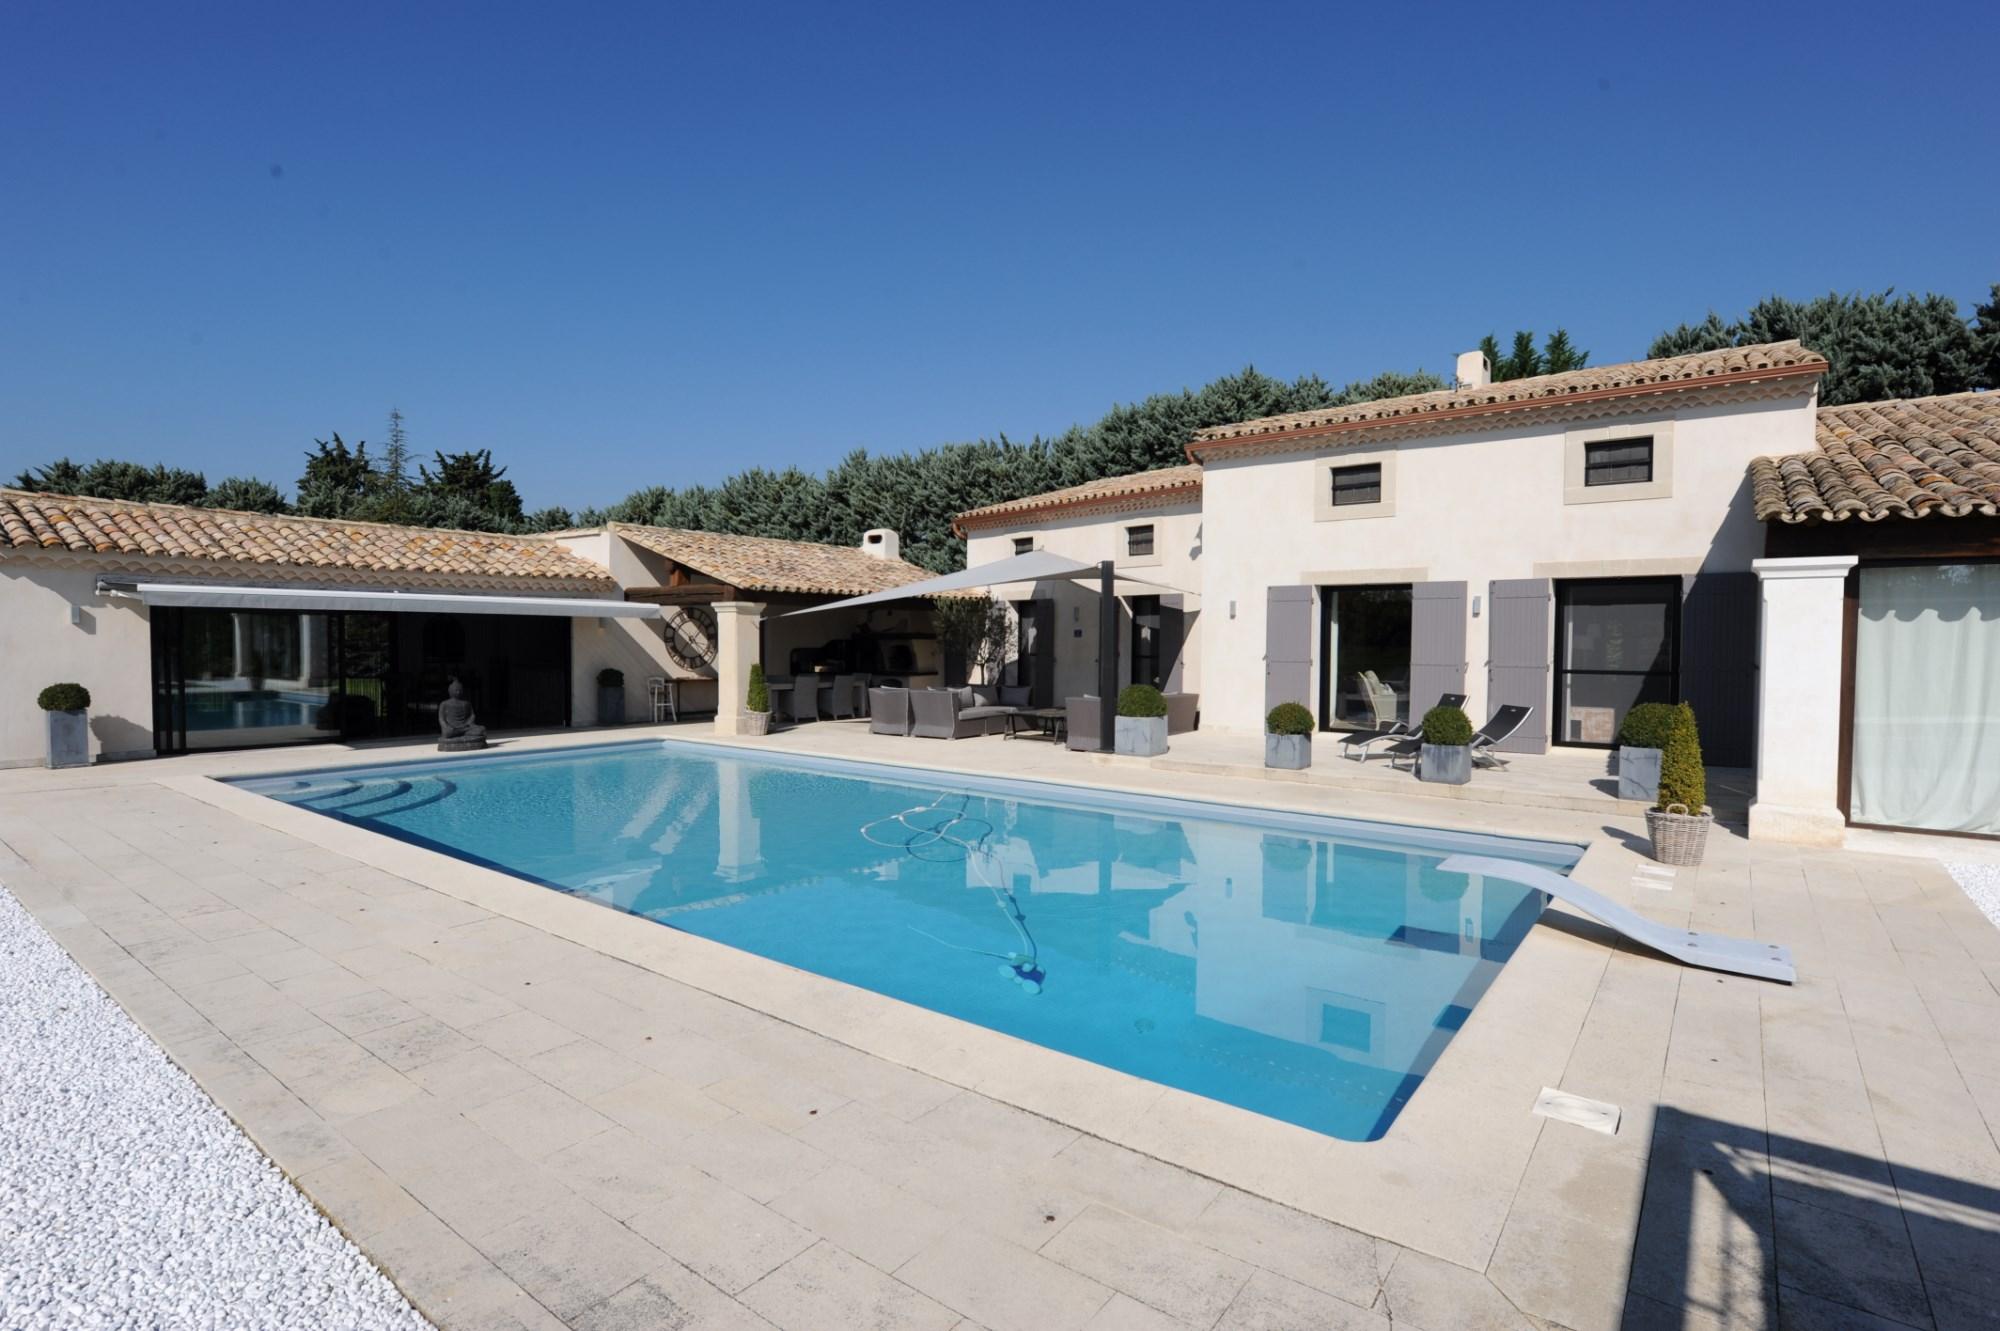 Propriété avec piscine en vente en Luberon